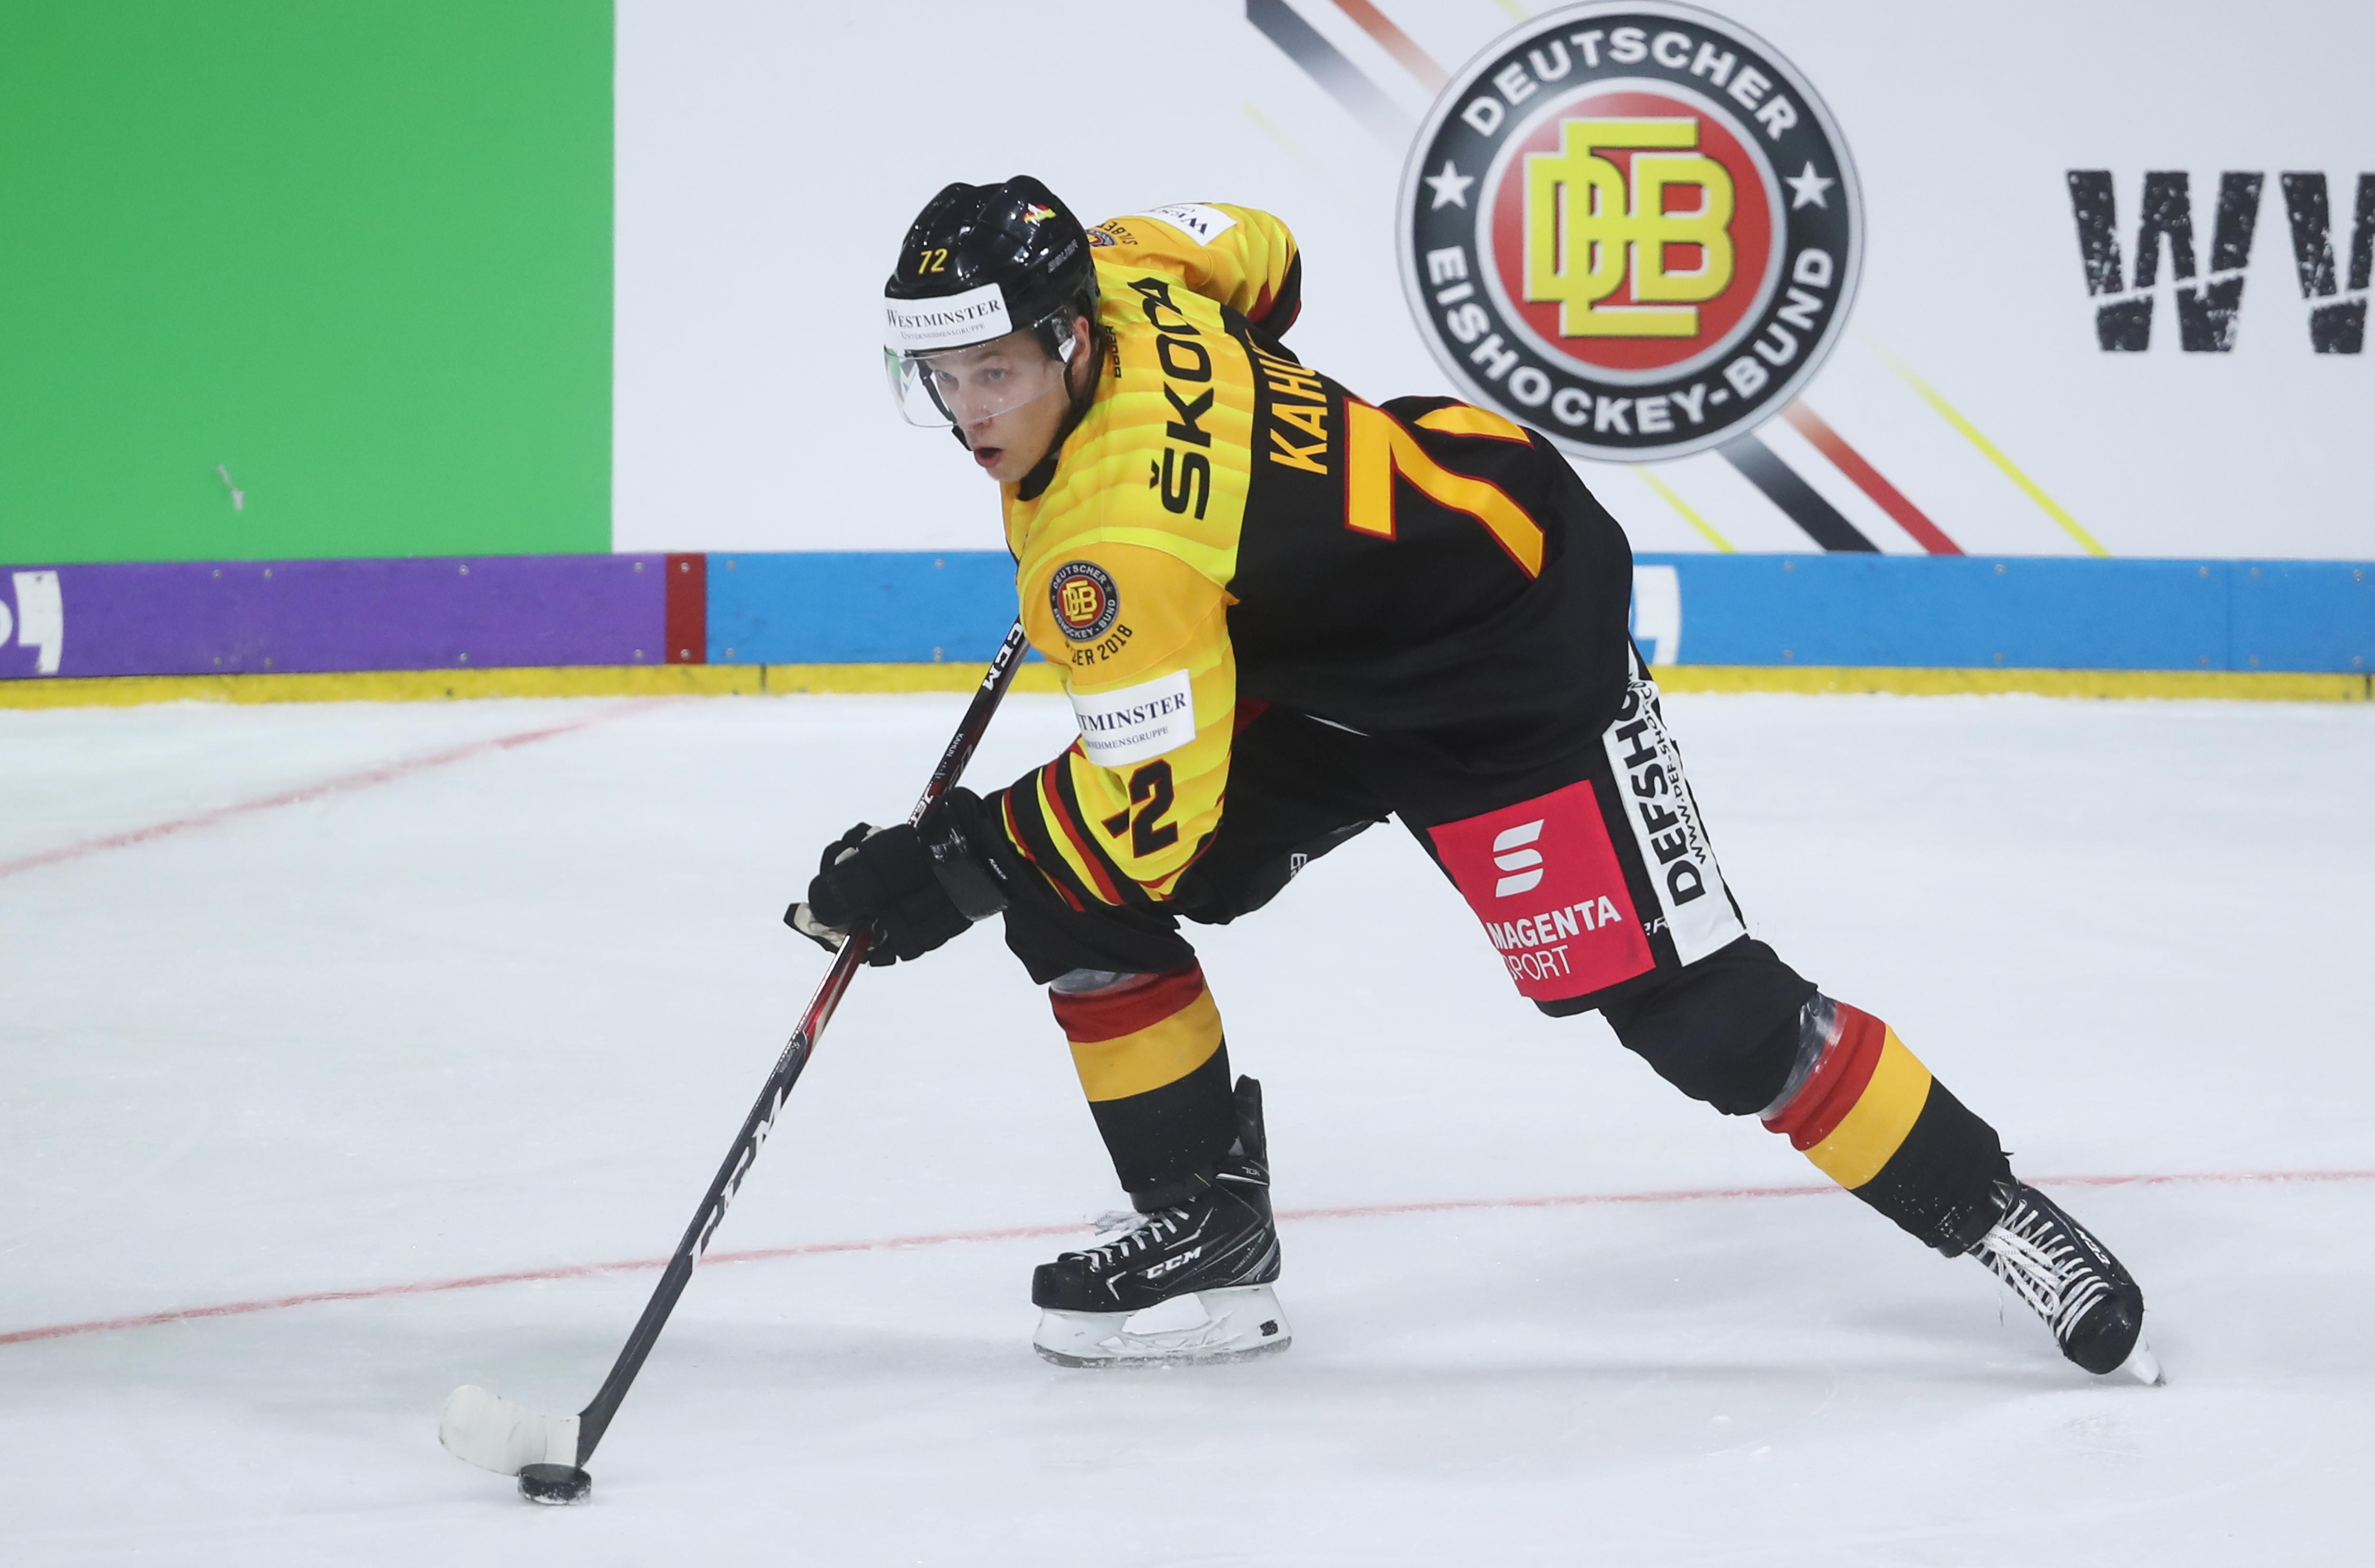 Germany v USA - Ice Hockey International Friendly